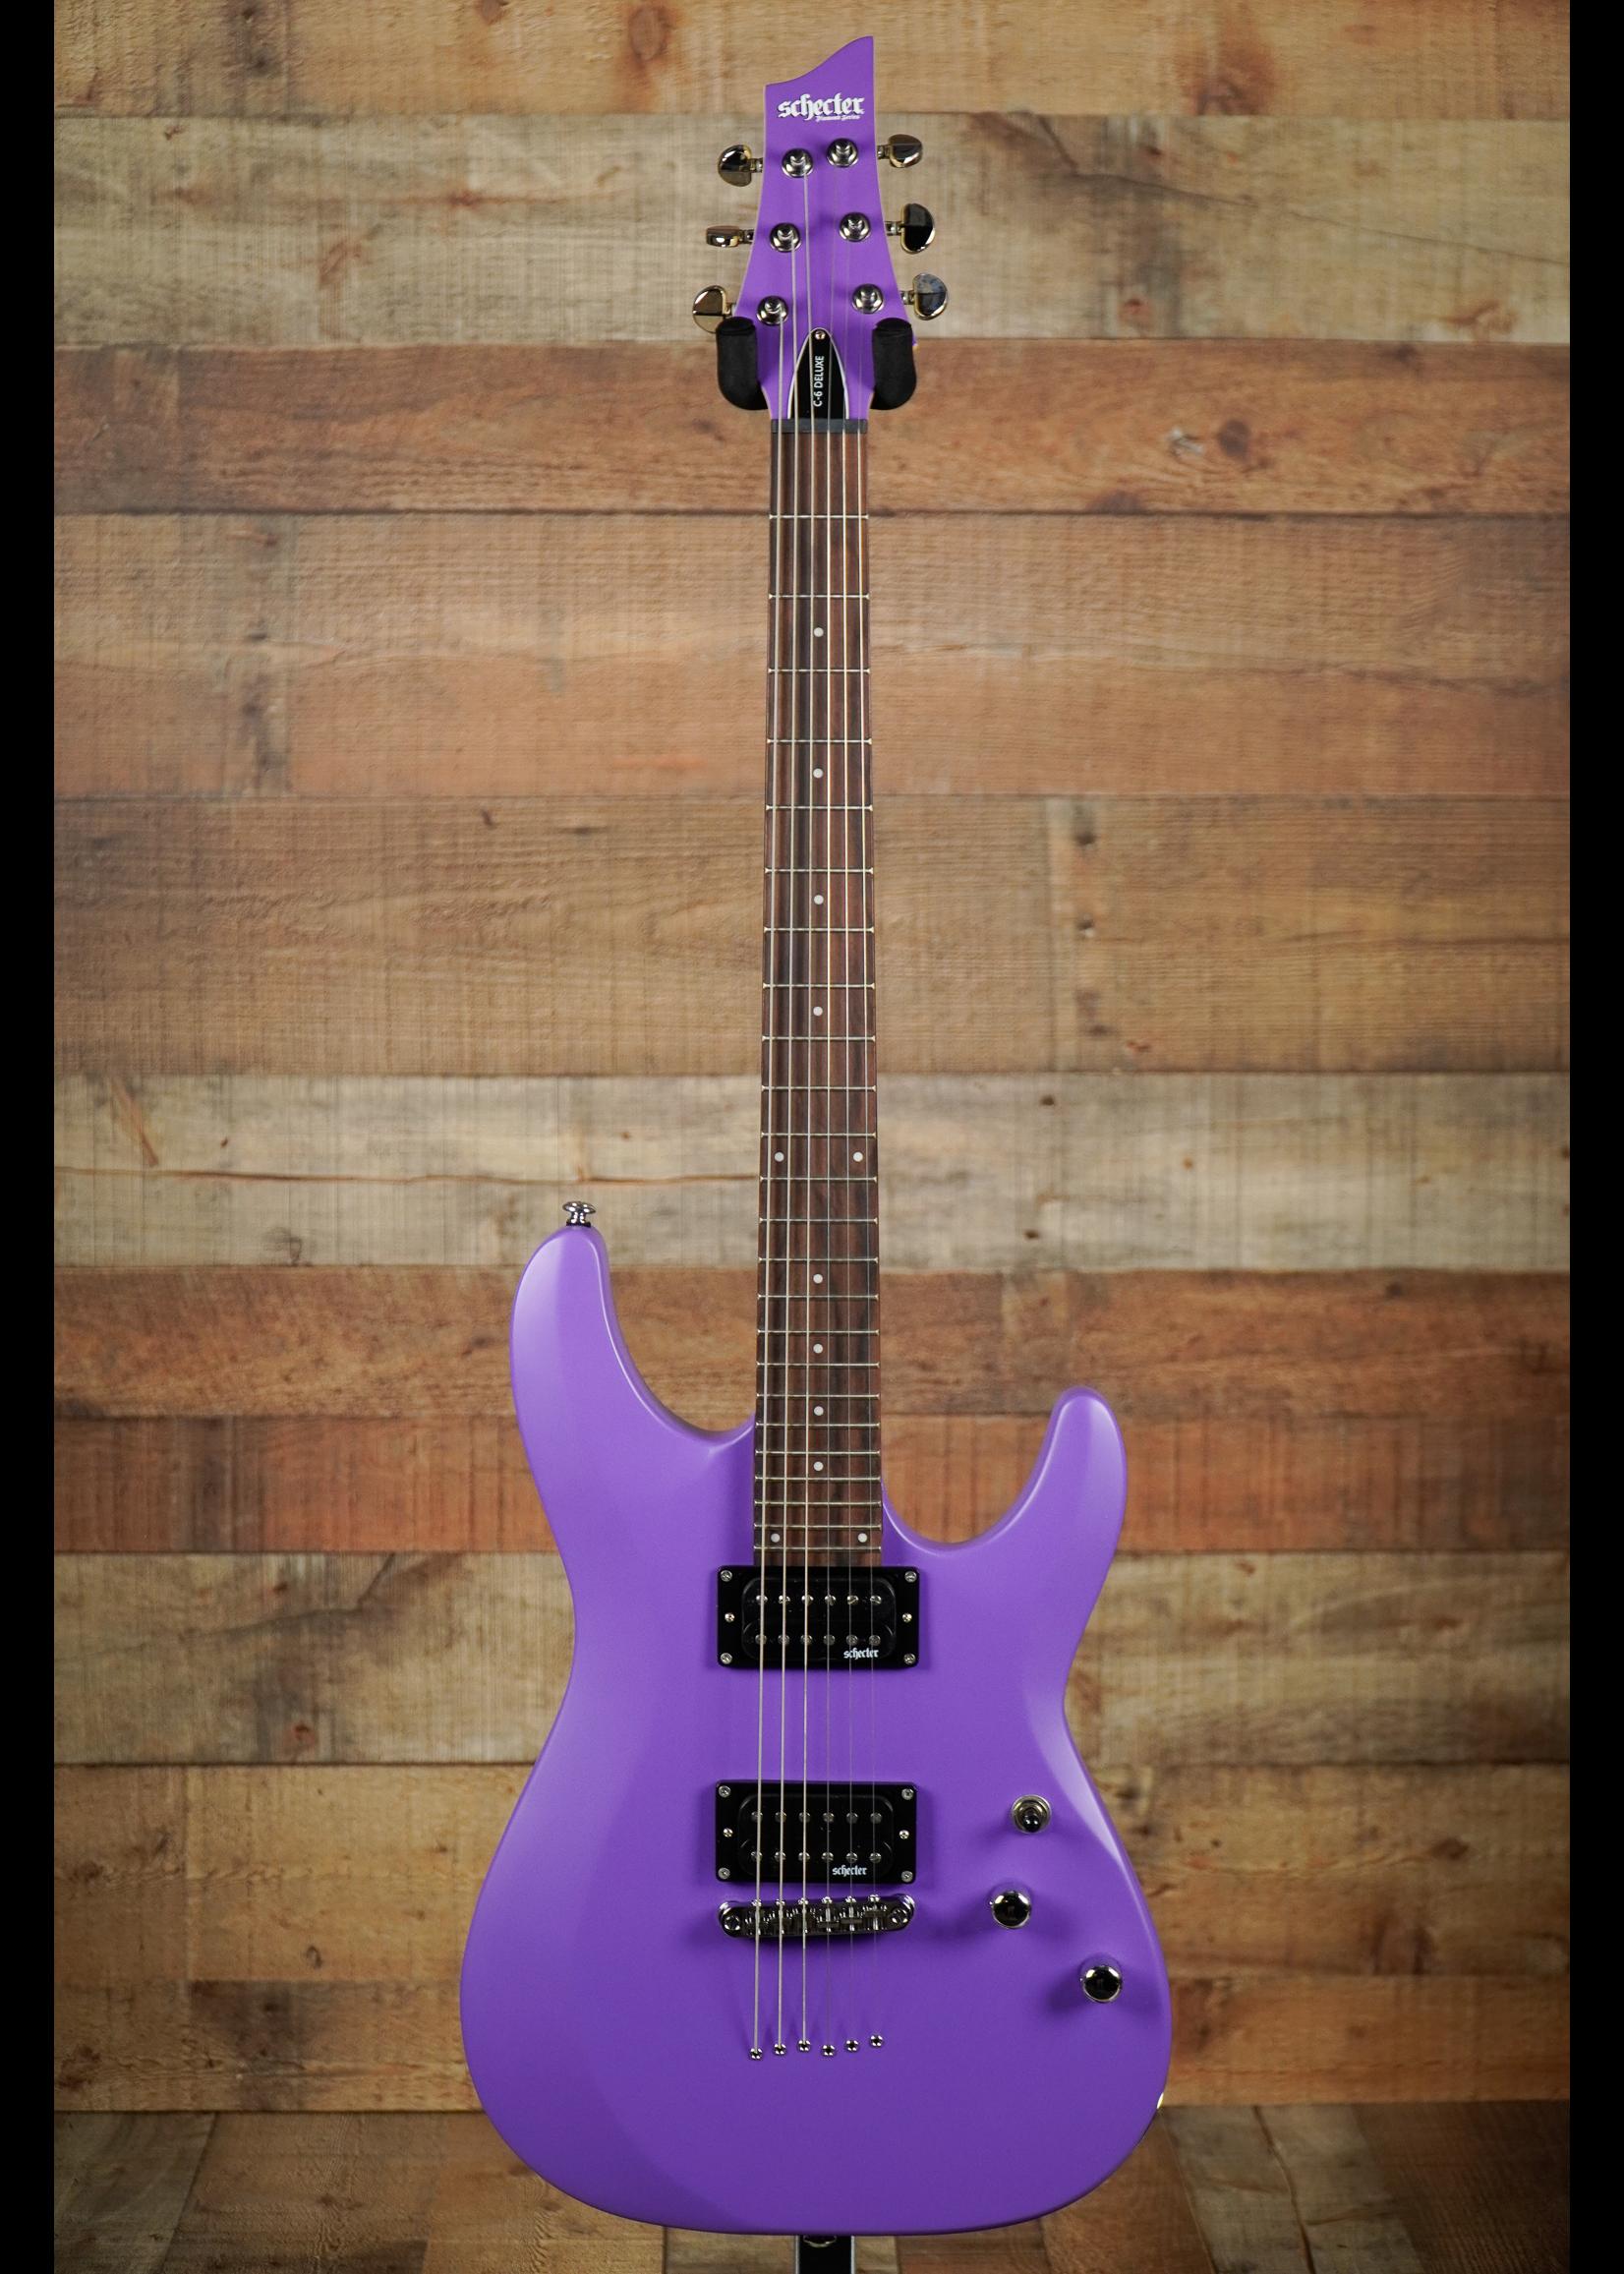 Schecter Schecter  C-6 Deluxe Satin Purple